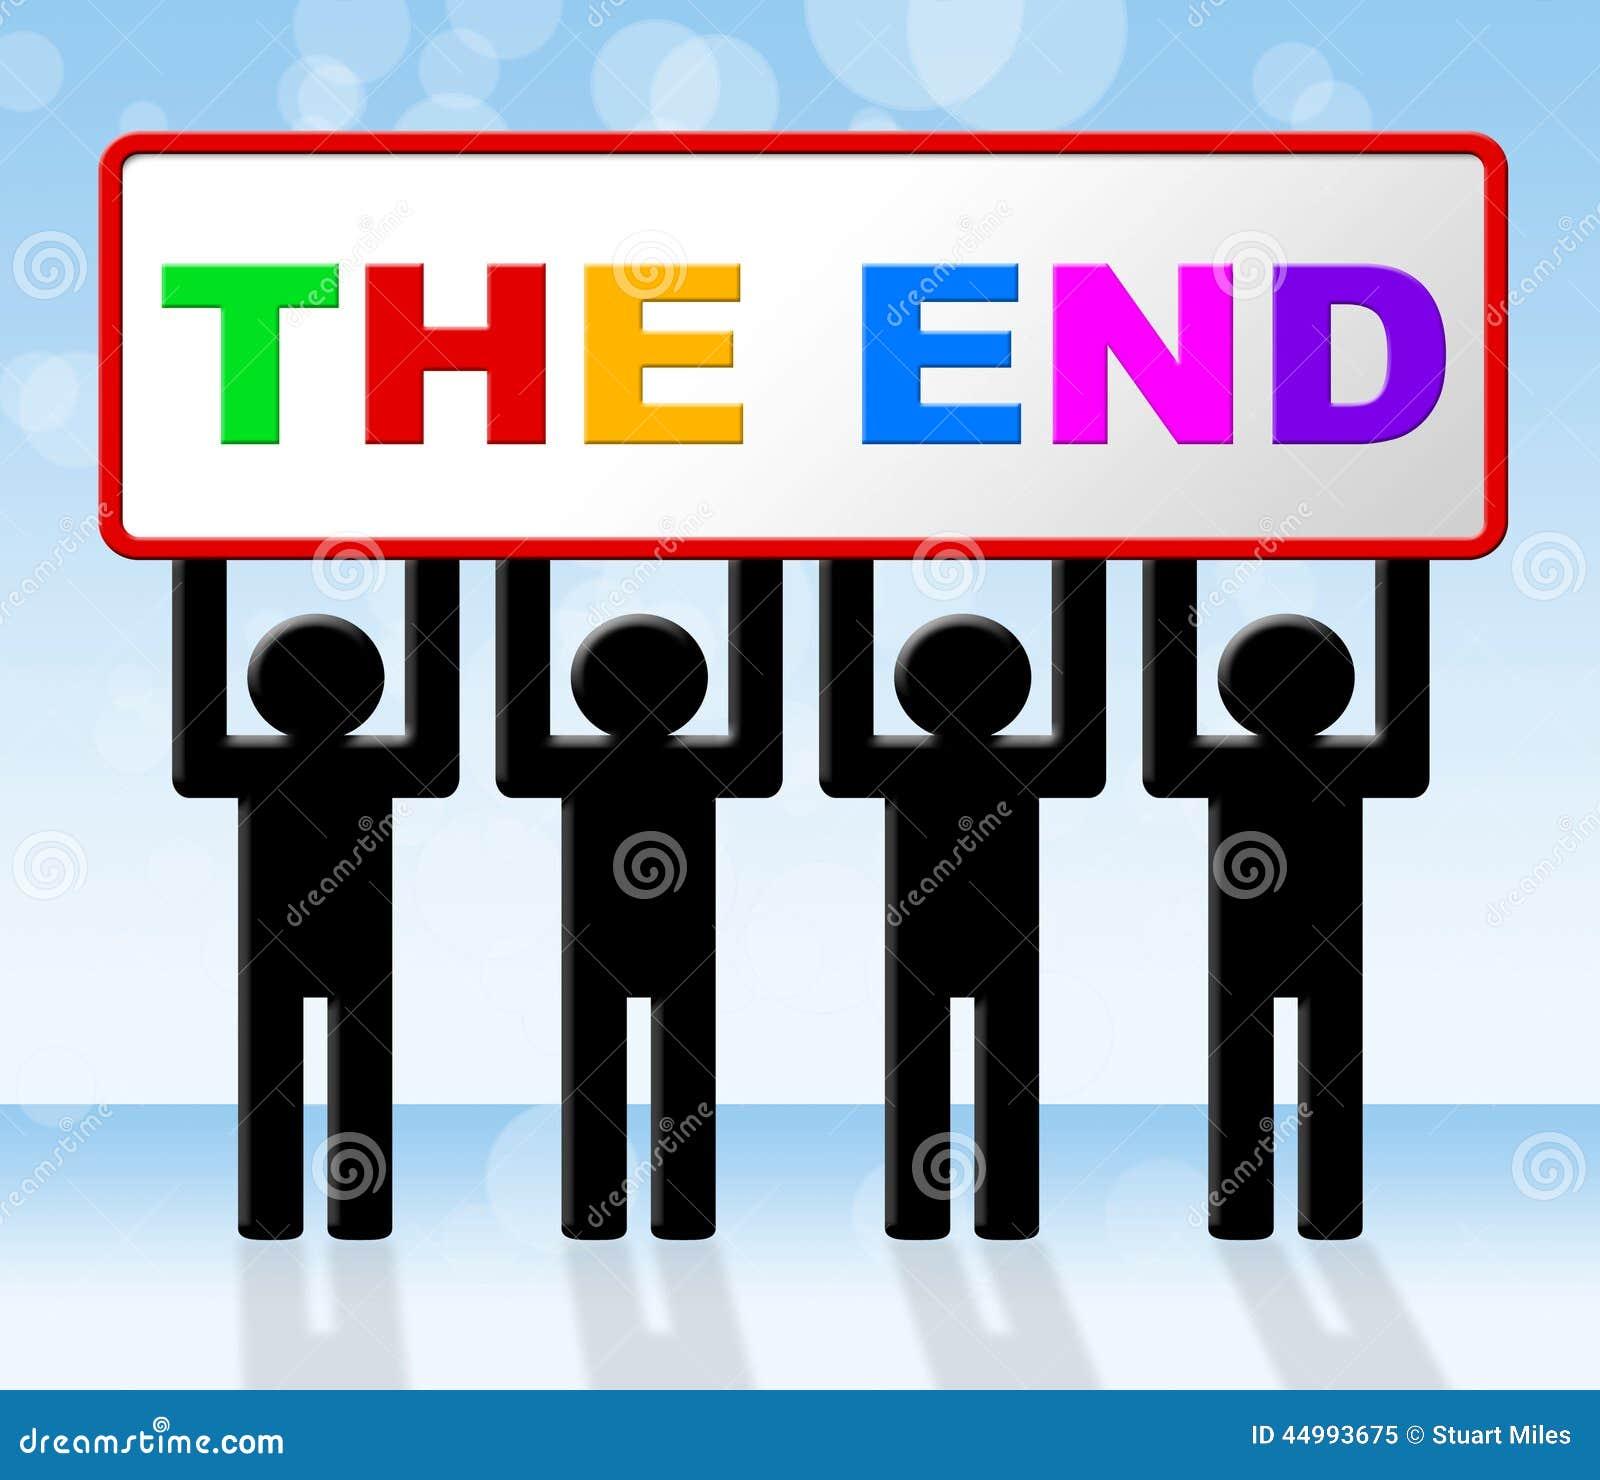 Das Ende Bedeutet Abschließenden Verfall Und Schlussfolgerung Stock